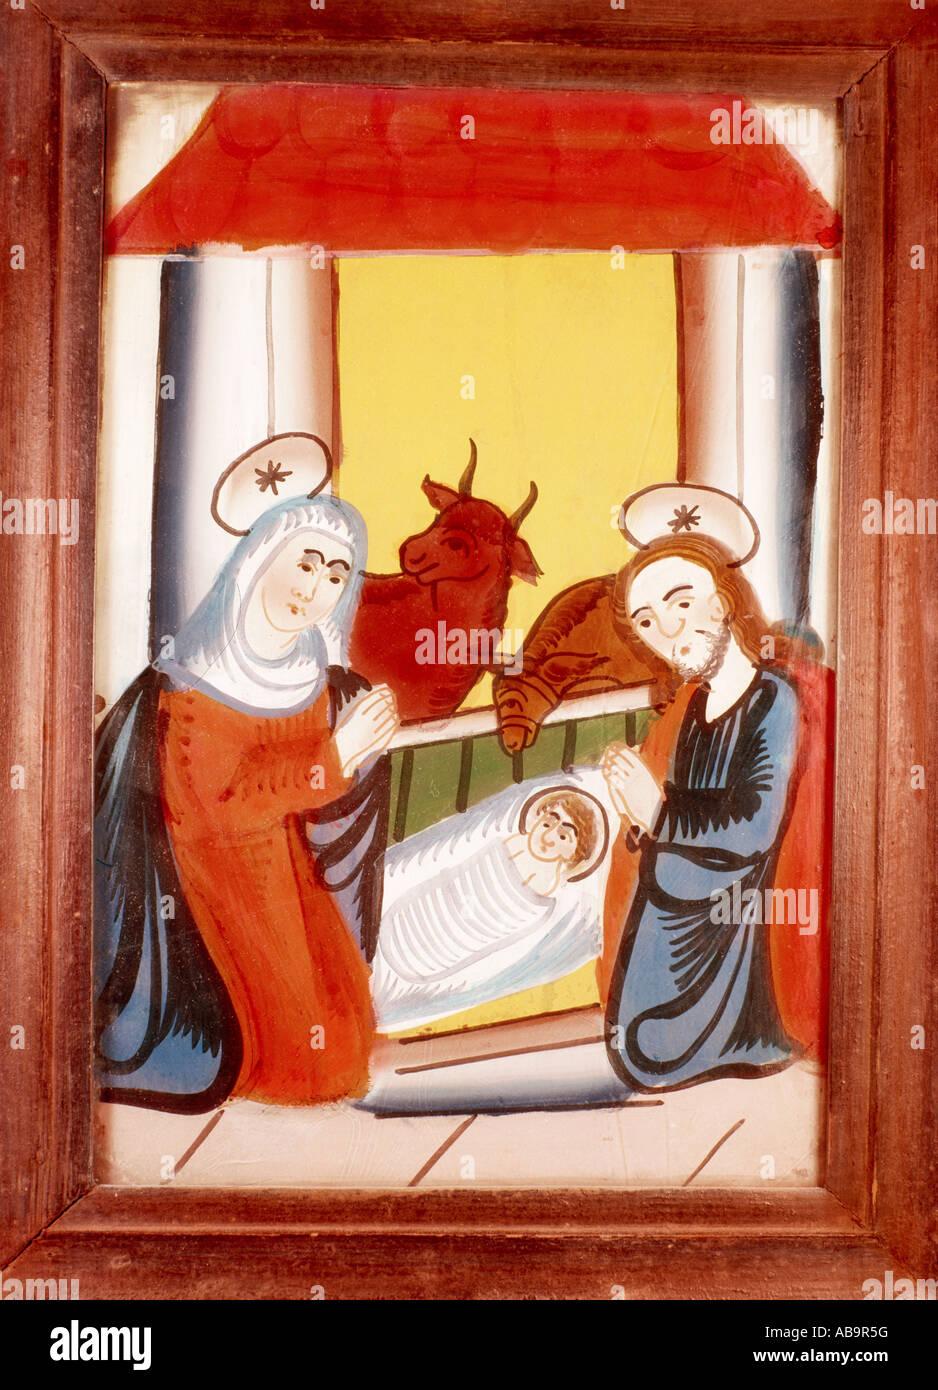 Bildende Kunst, religiöse Kunst, Jesus Christus, Krippe, Glasmalerei, Sandl, Oberösterreich, Mitte des Stockbild